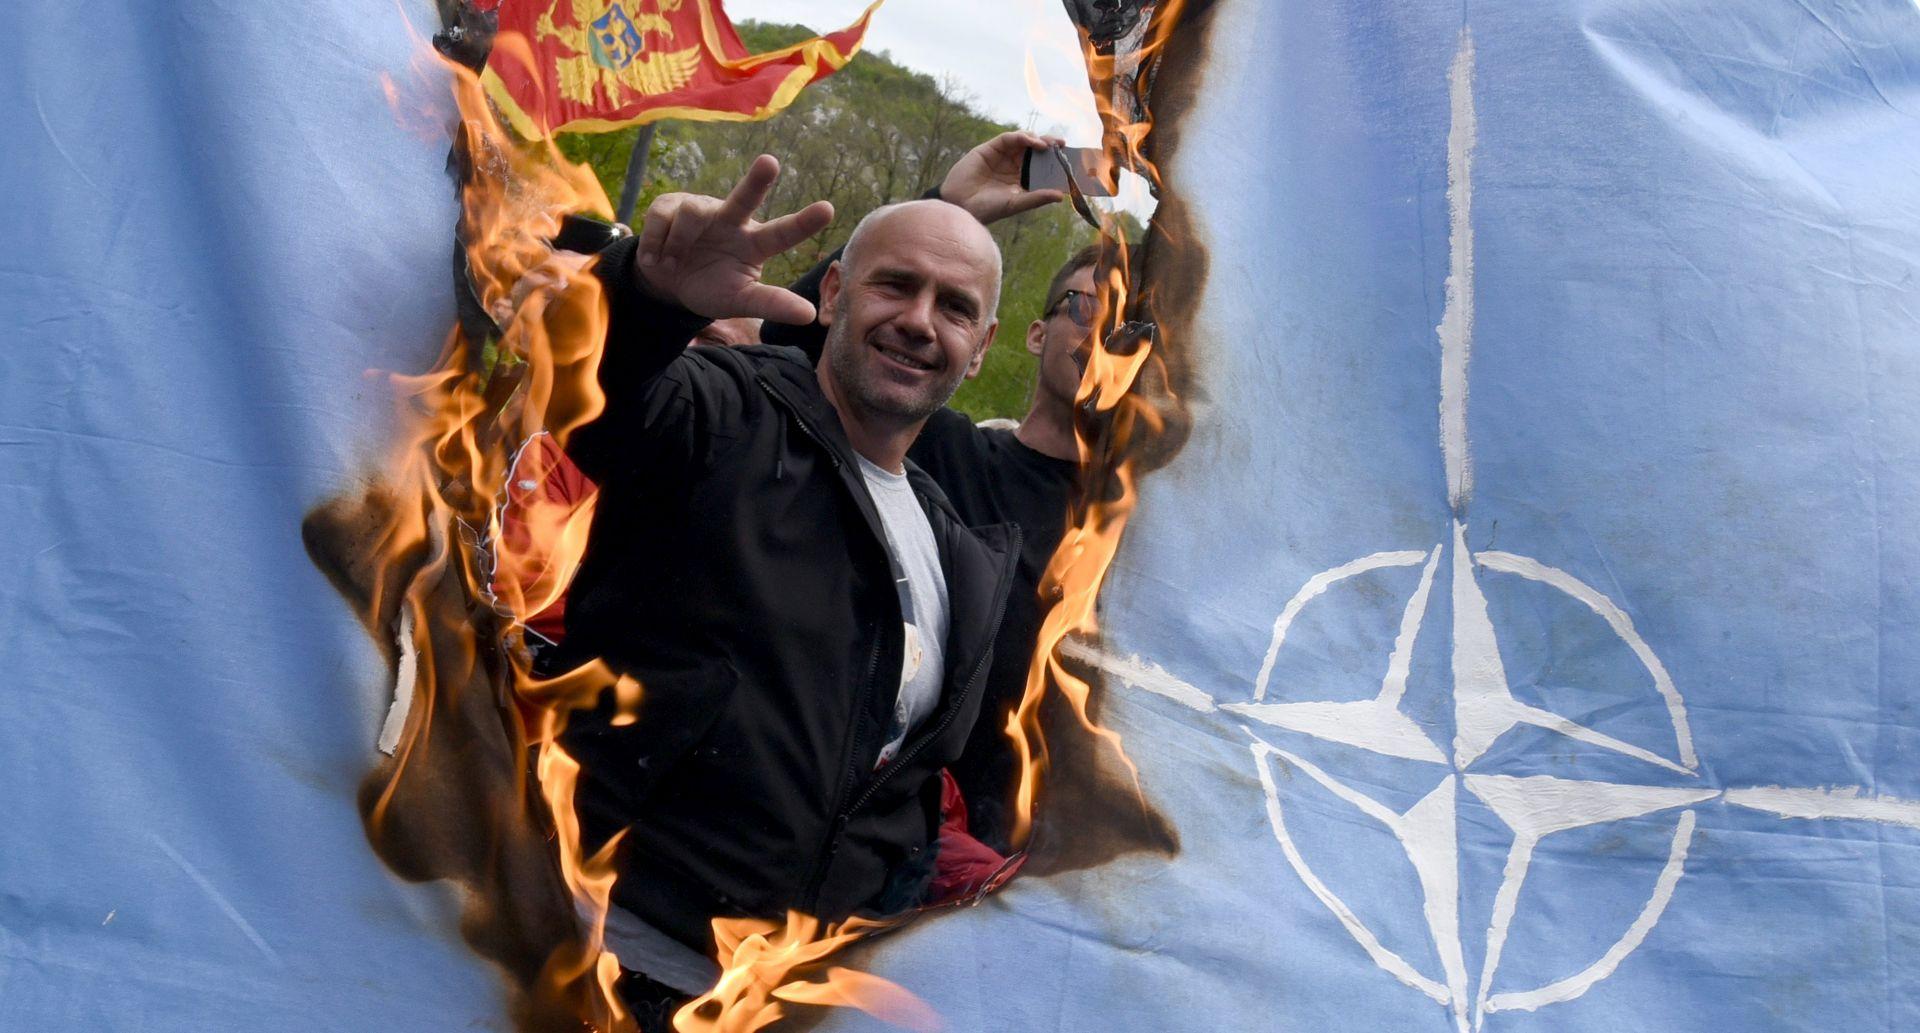 Rusija kritizira odluku Crne Gore da pristupu NATO-u